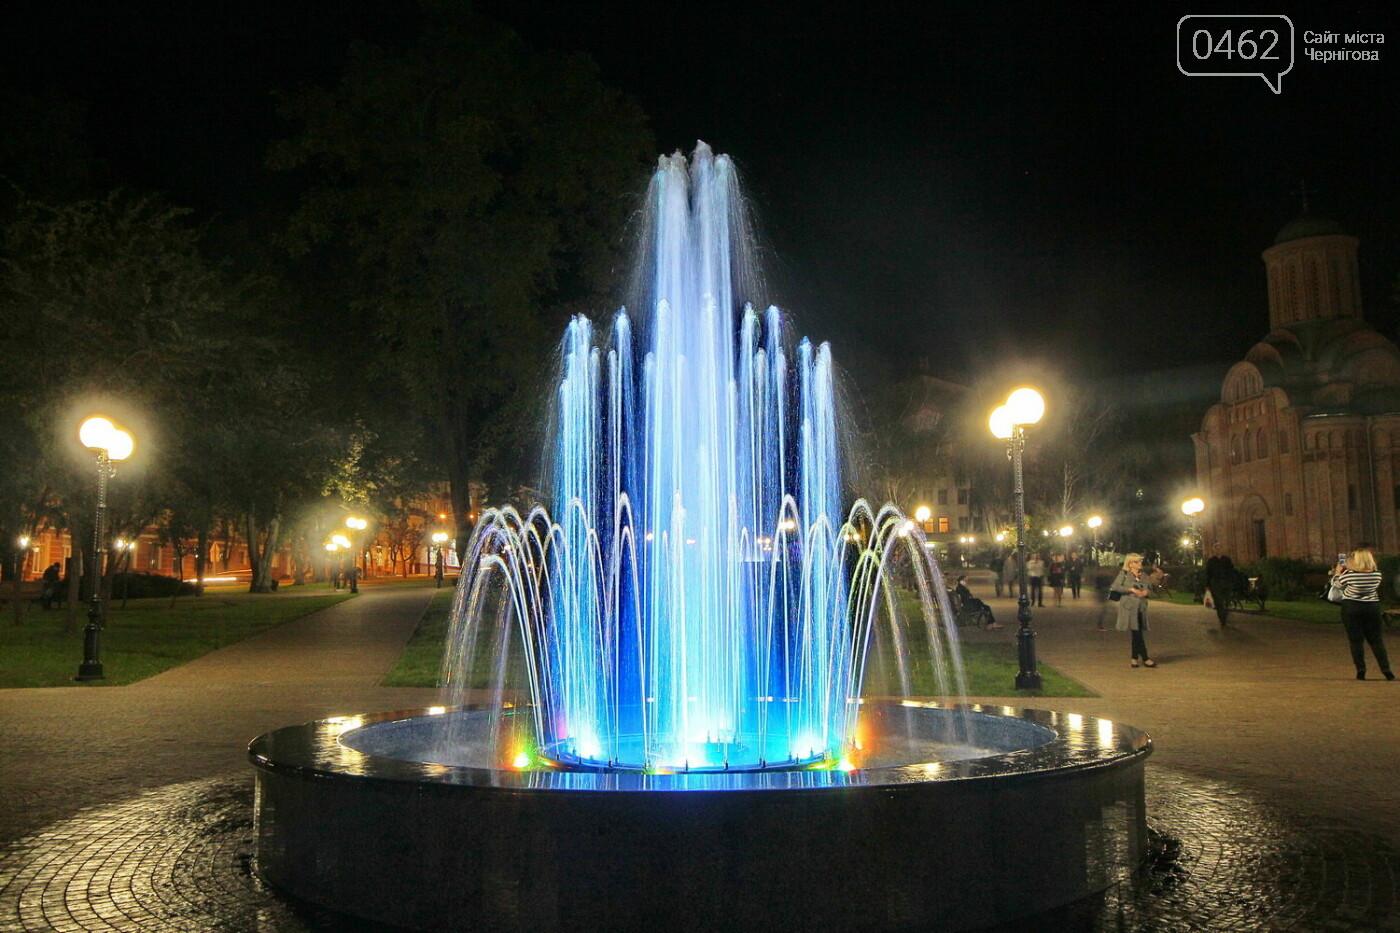 На утримання чернігівських фонтанів виділили більше 2 мільйонів гривень. Вже відомо хто проводитиме ці роботи, фото-3